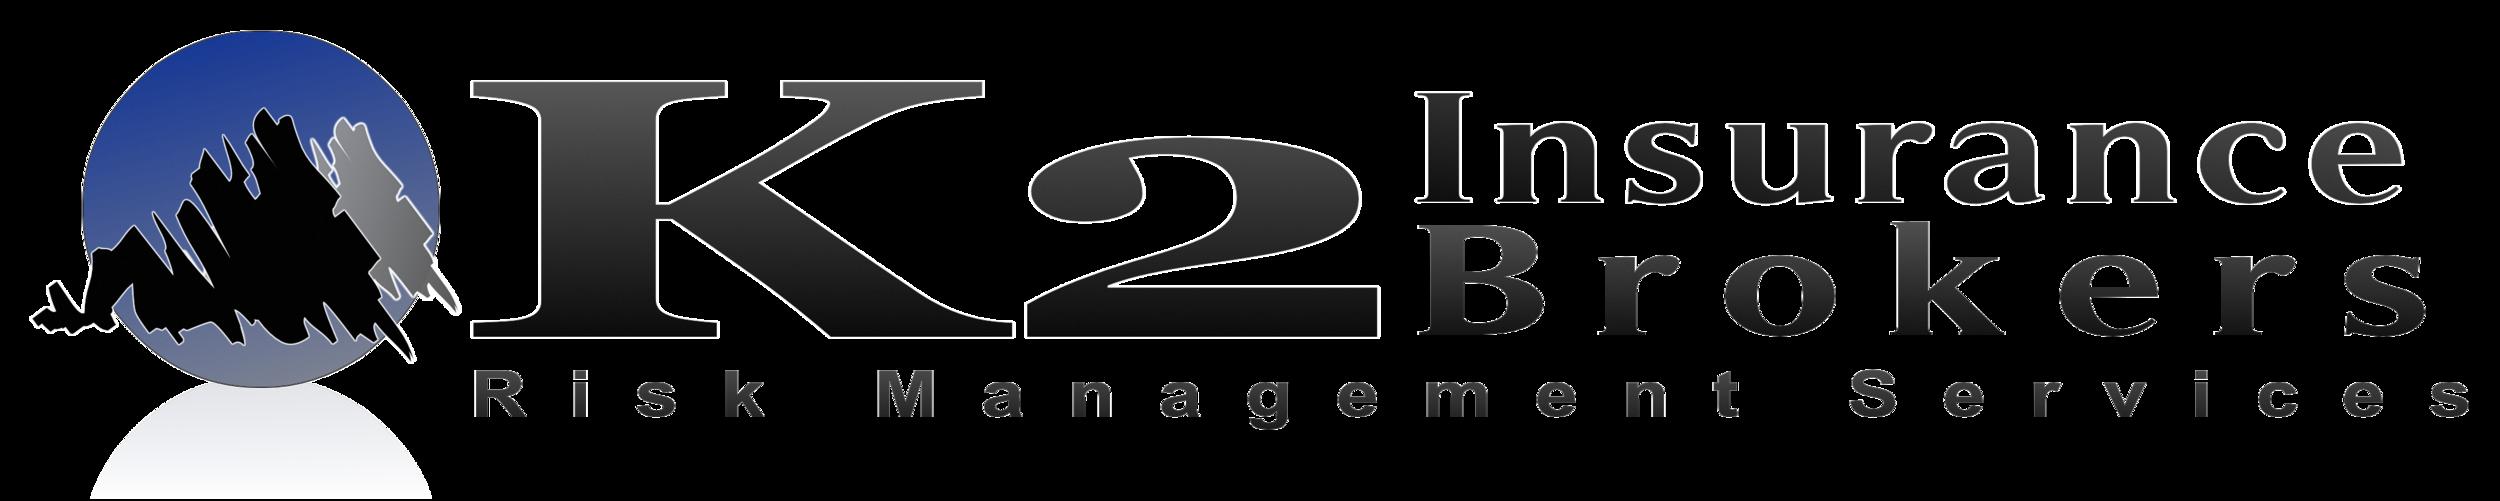 k2ibrm_logo.png